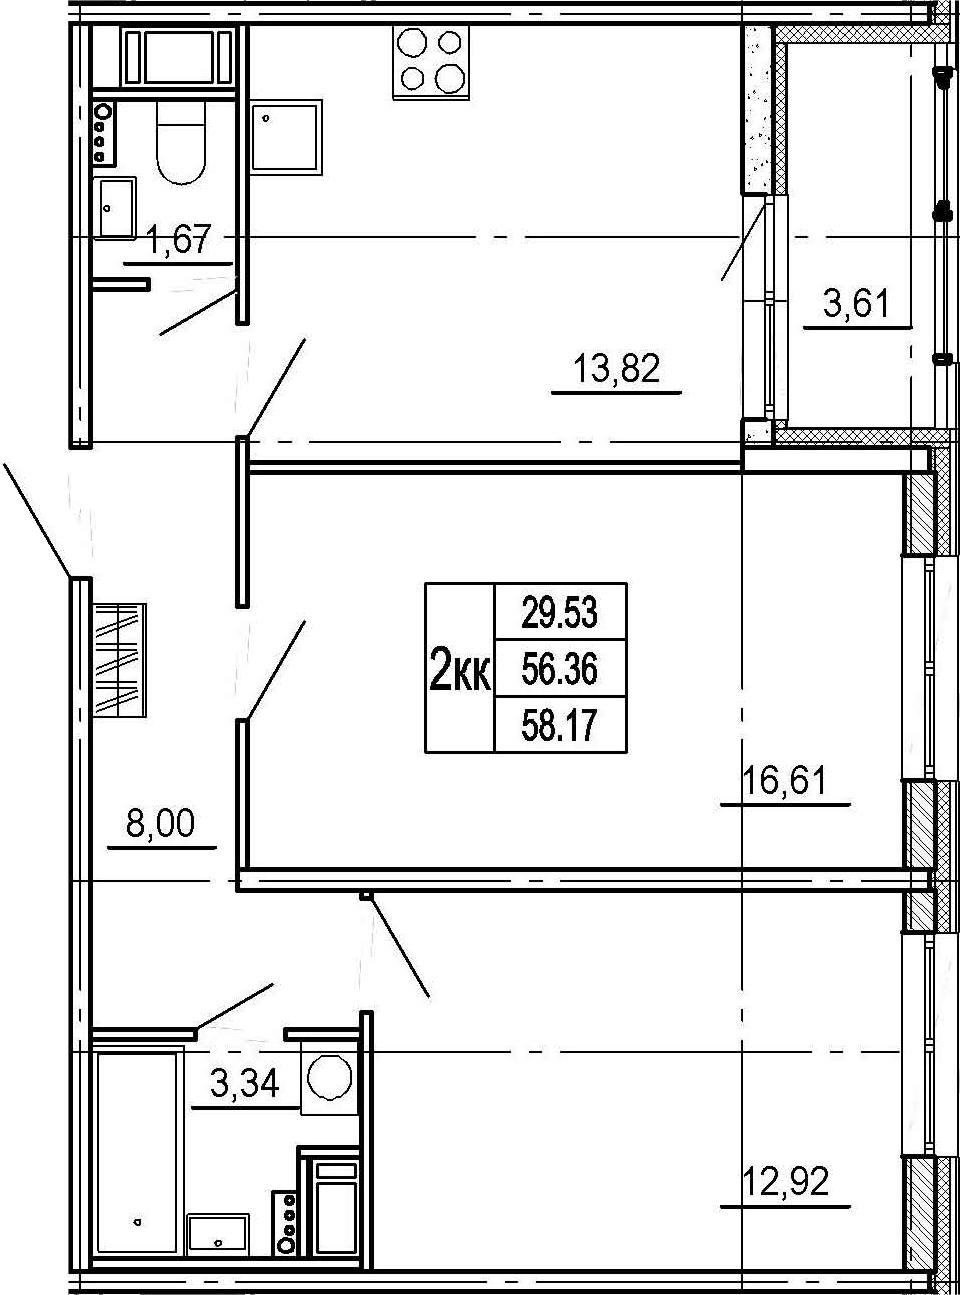 2-комнатная, 56.36 м²– 2